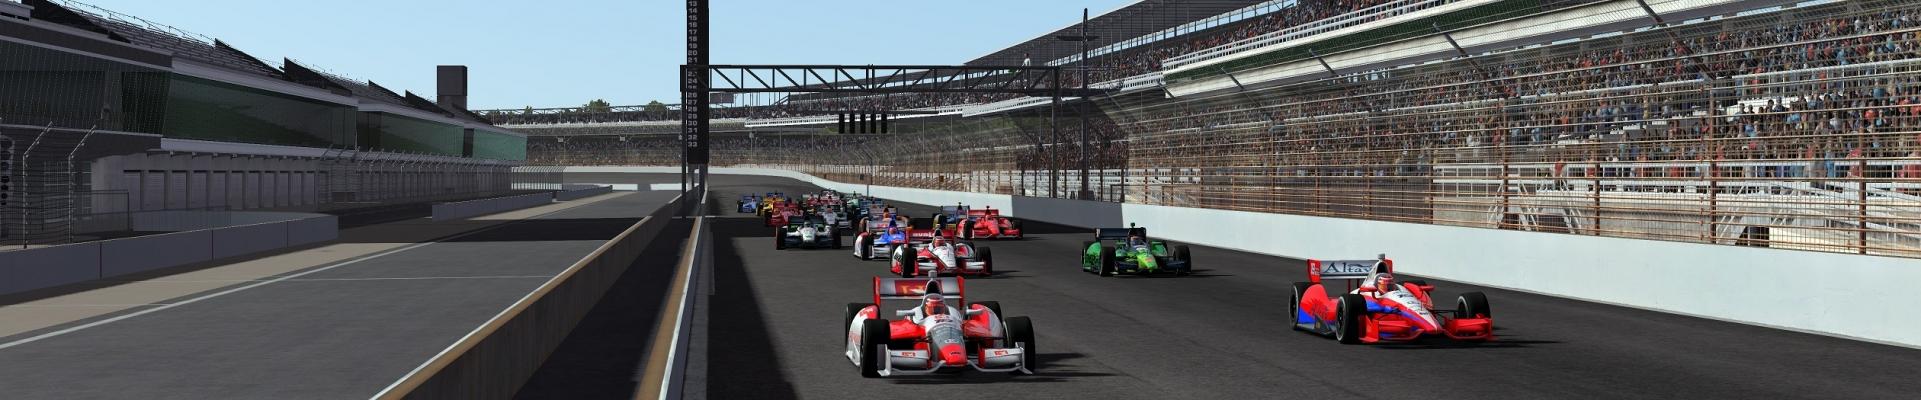 Indy start